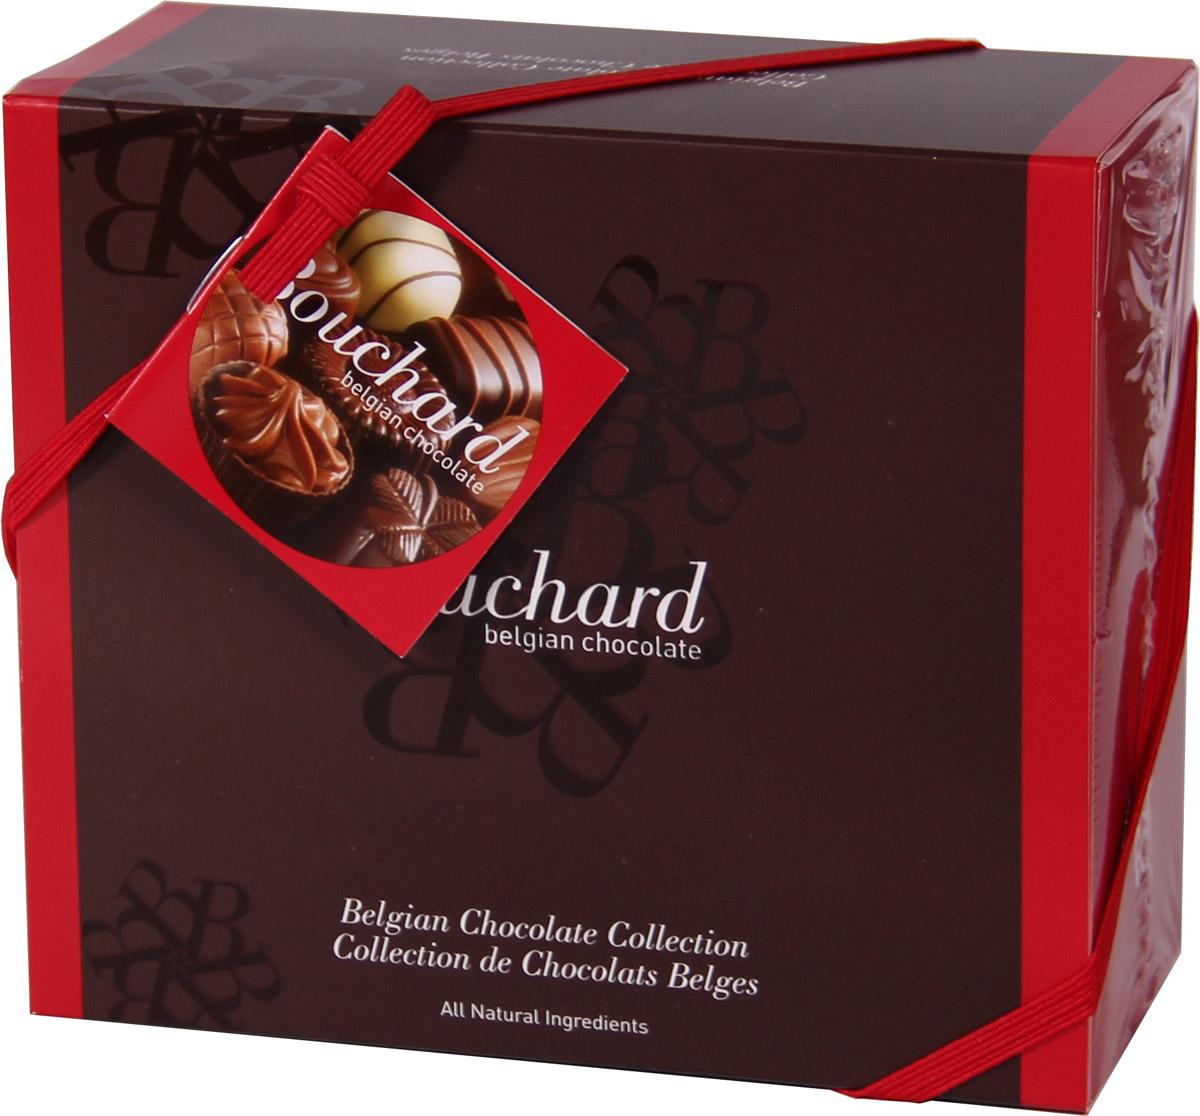 Bouchard Ассорти Премиум Бельгийская Шоколадная коллекция, 250 г50580101Премиальная Бельгийская Шоколадная коллекция